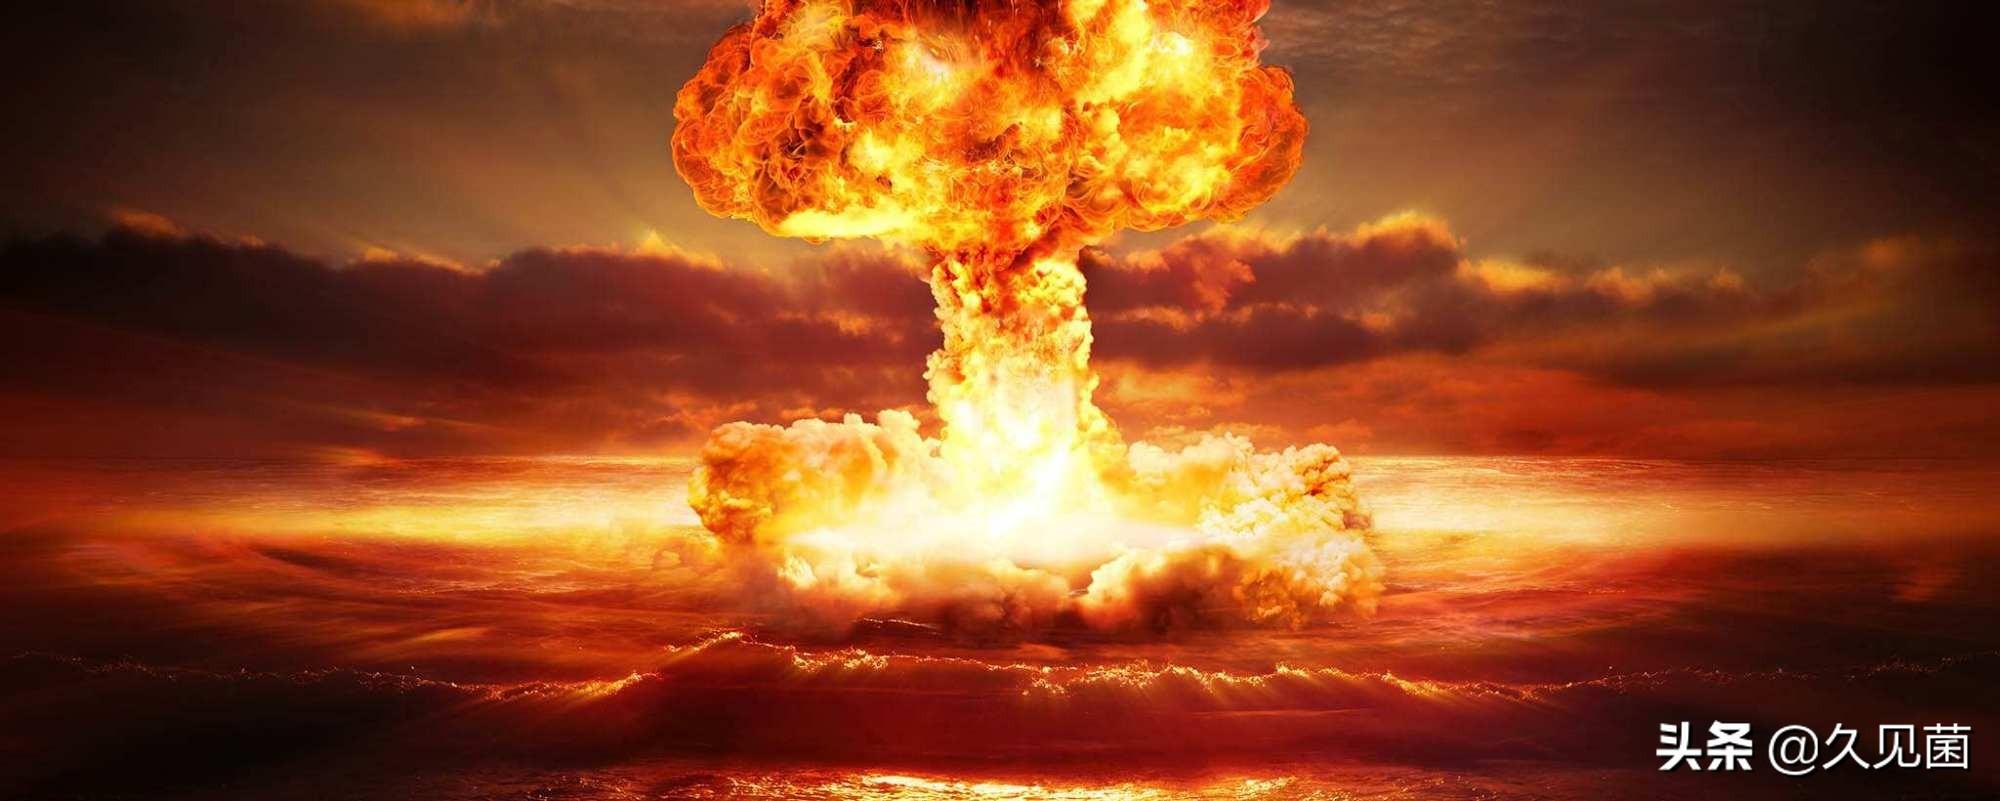 如果你的城市被核打擊,提前10分鍾知道,有機會死裏逃生麽?